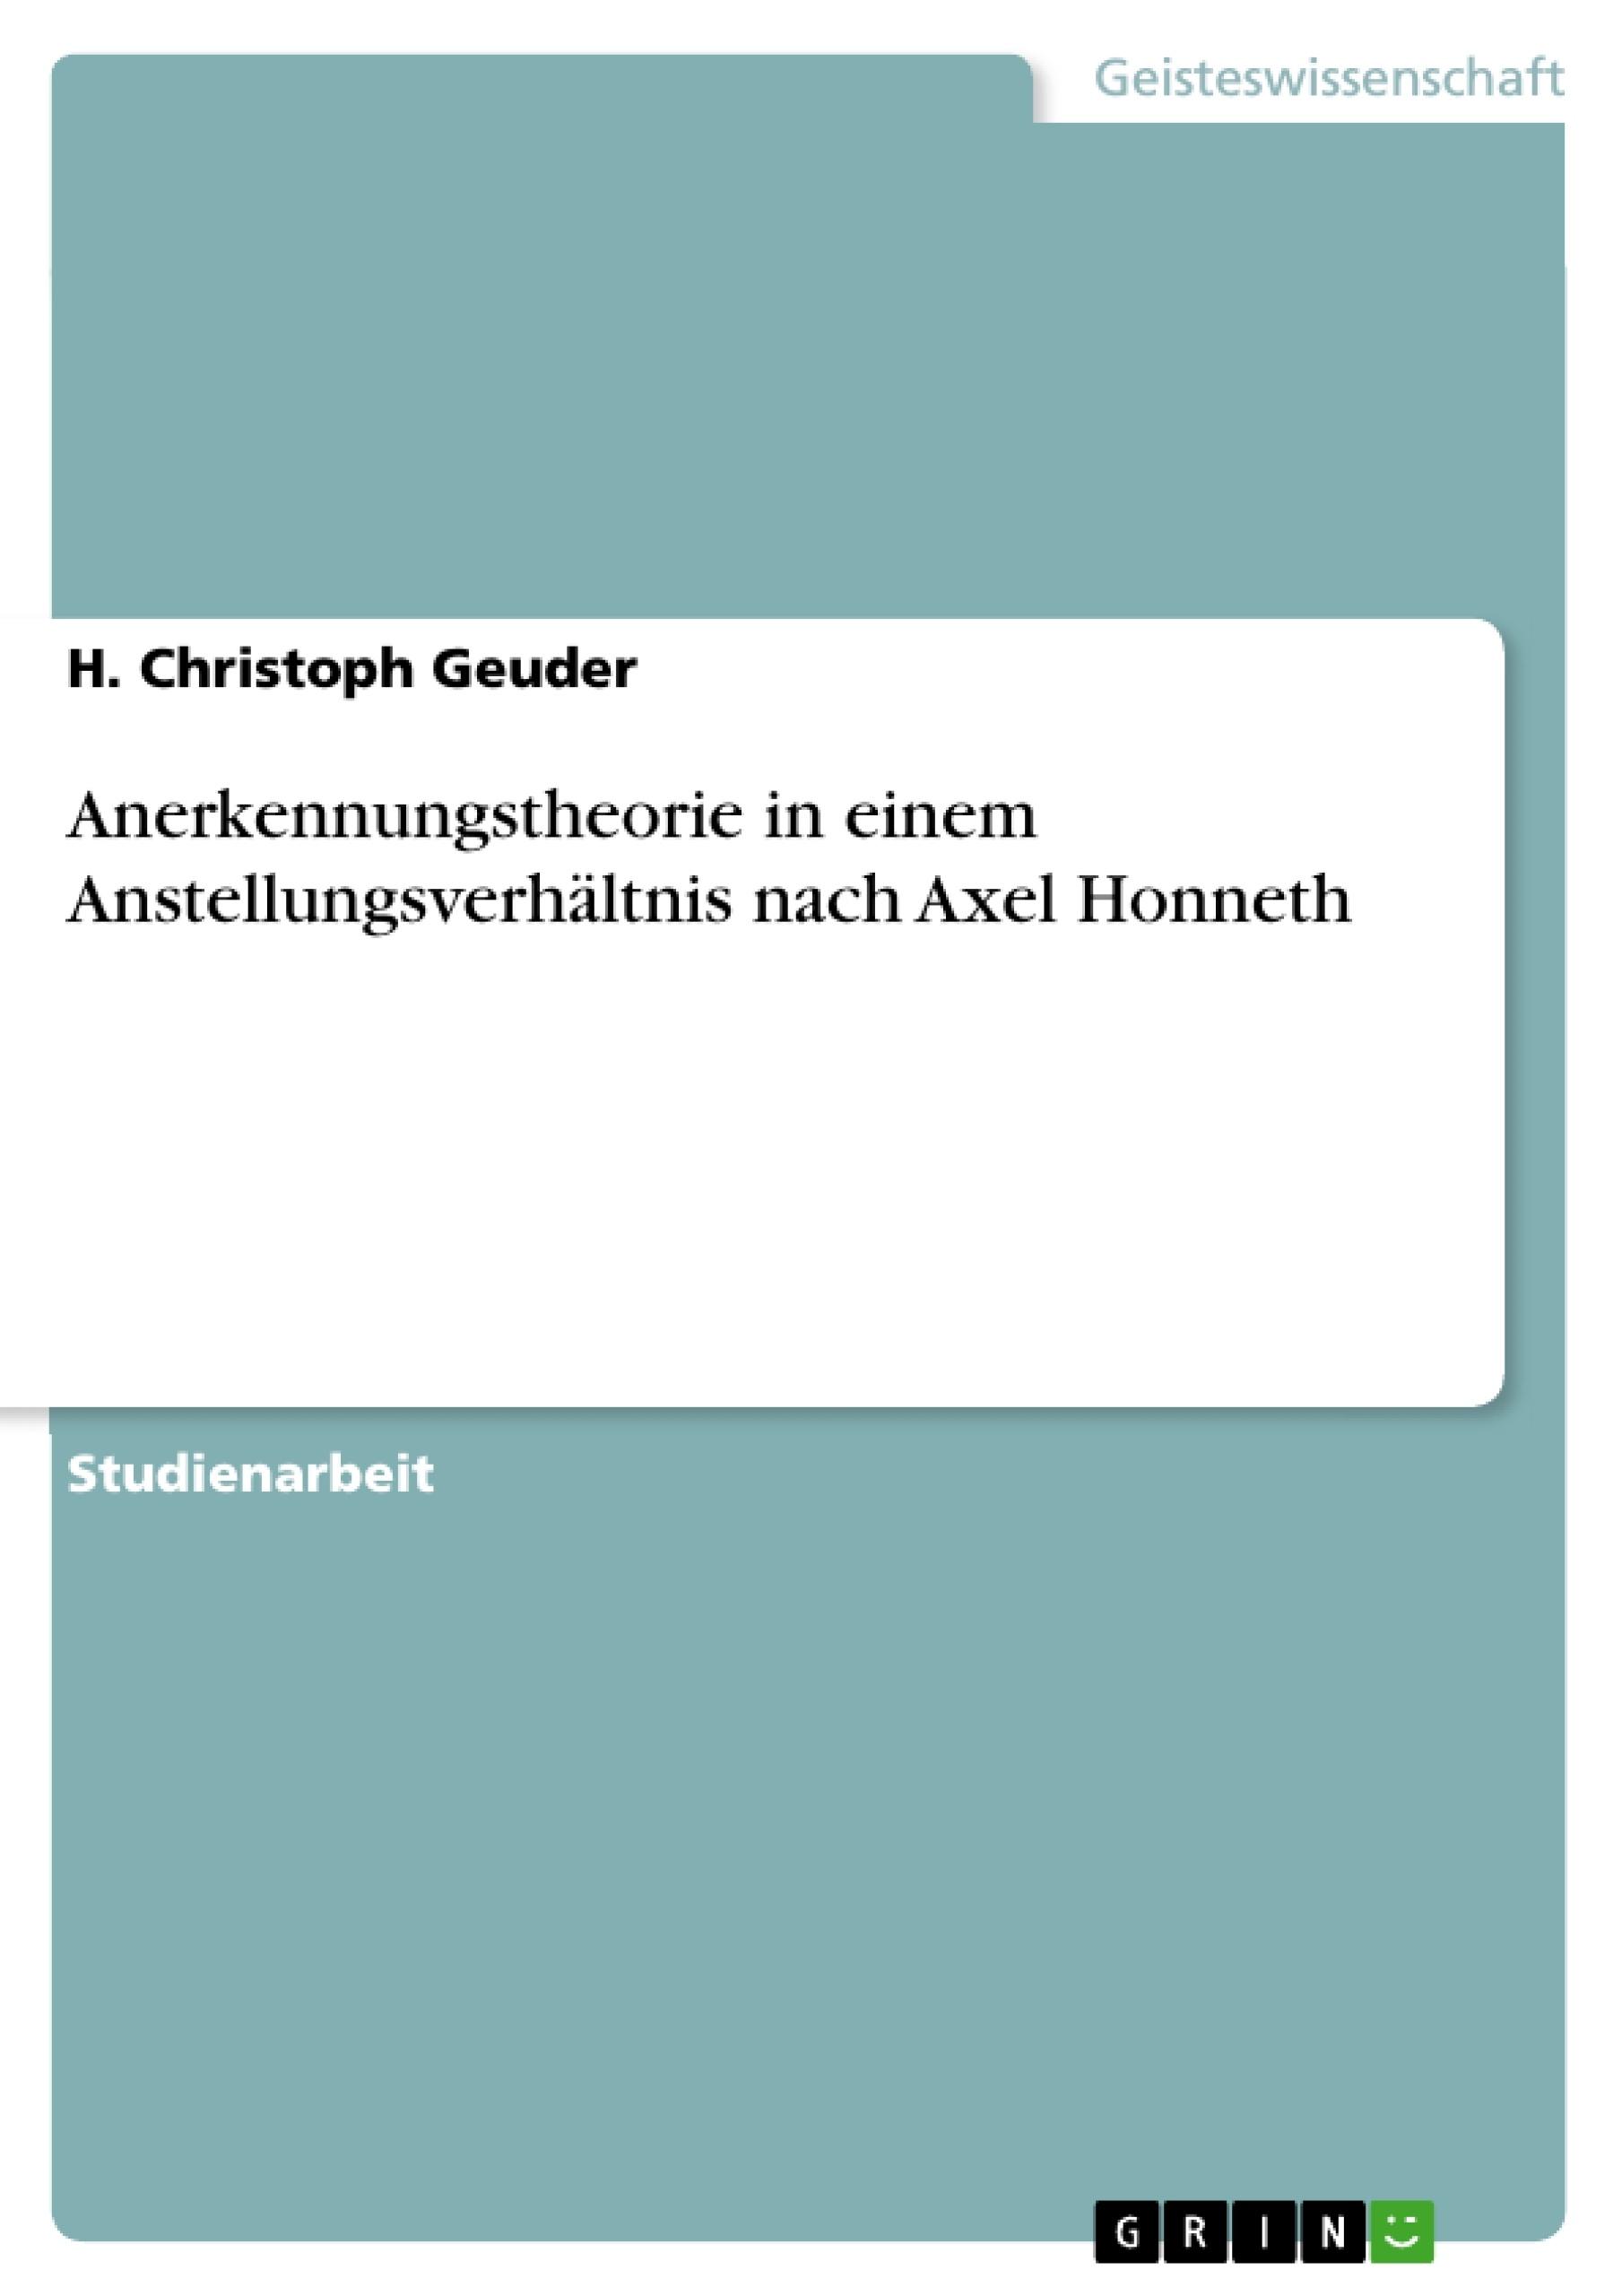 Titel: Anerkennungstheorie in einem Anstellungsverhältnis nach Axel Honneth